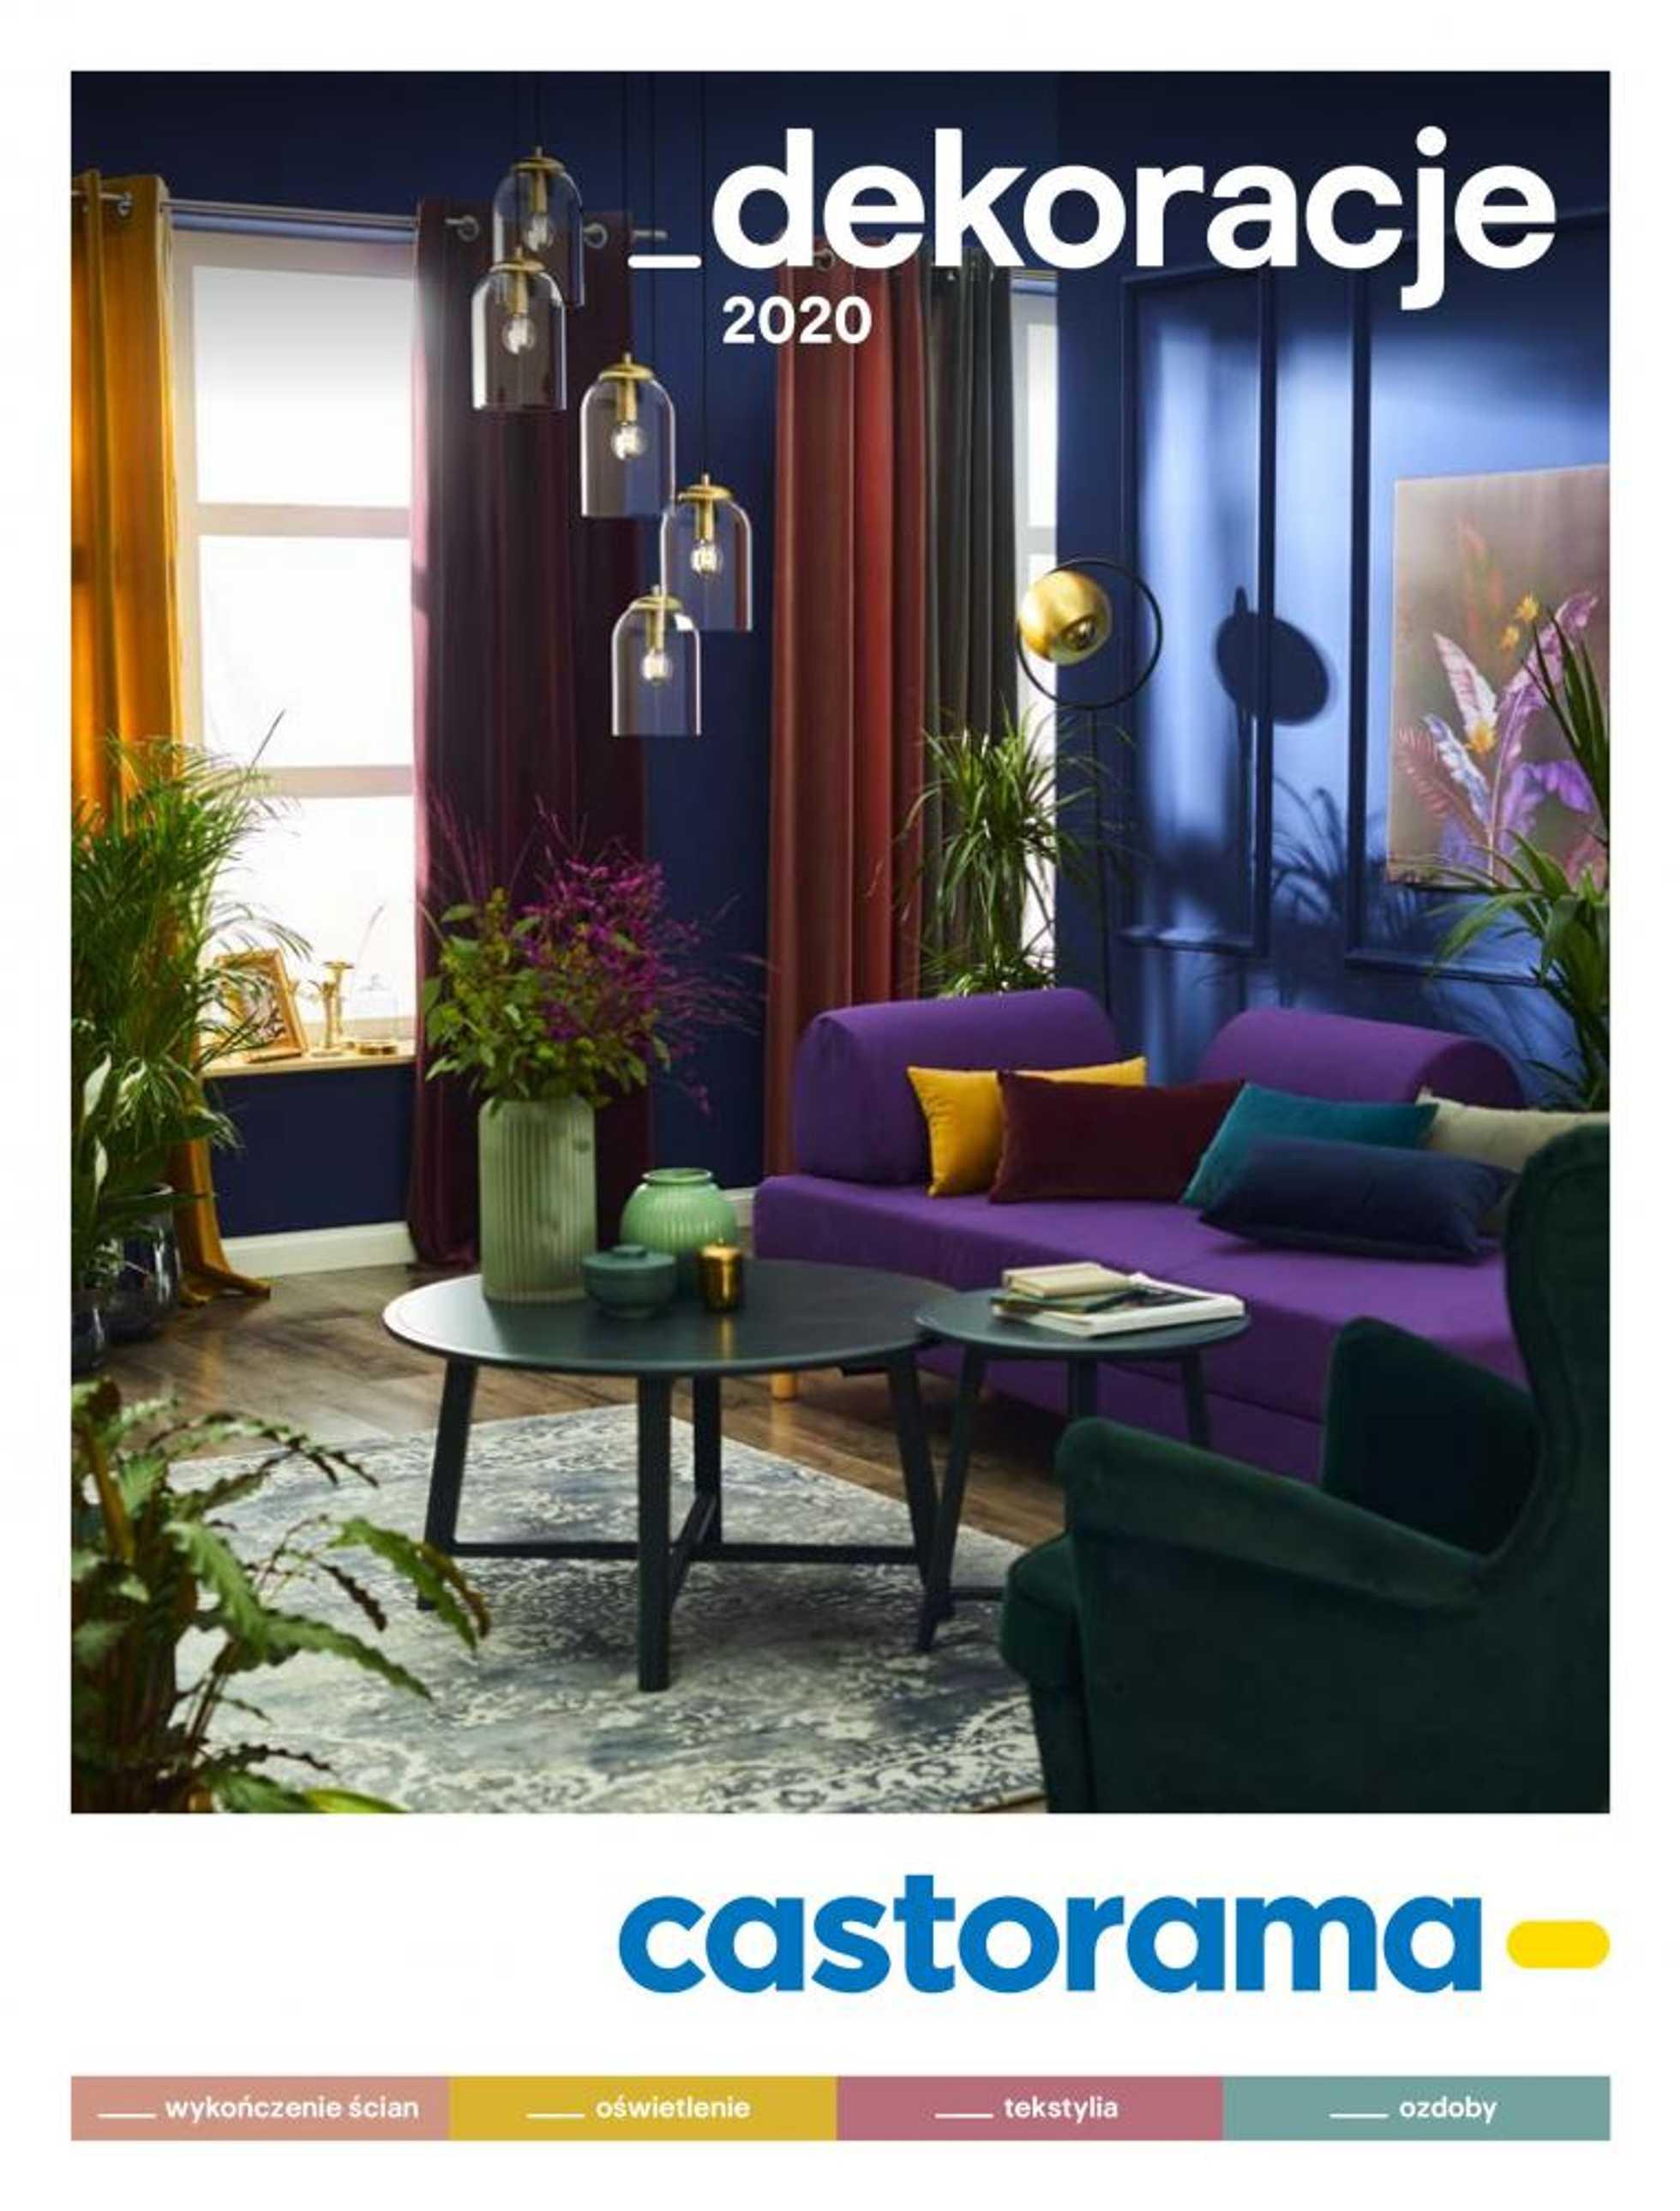 Castorama - gazetka promocyjna ważna od 09.11.2020 do 31.01.2021 - strona 1.